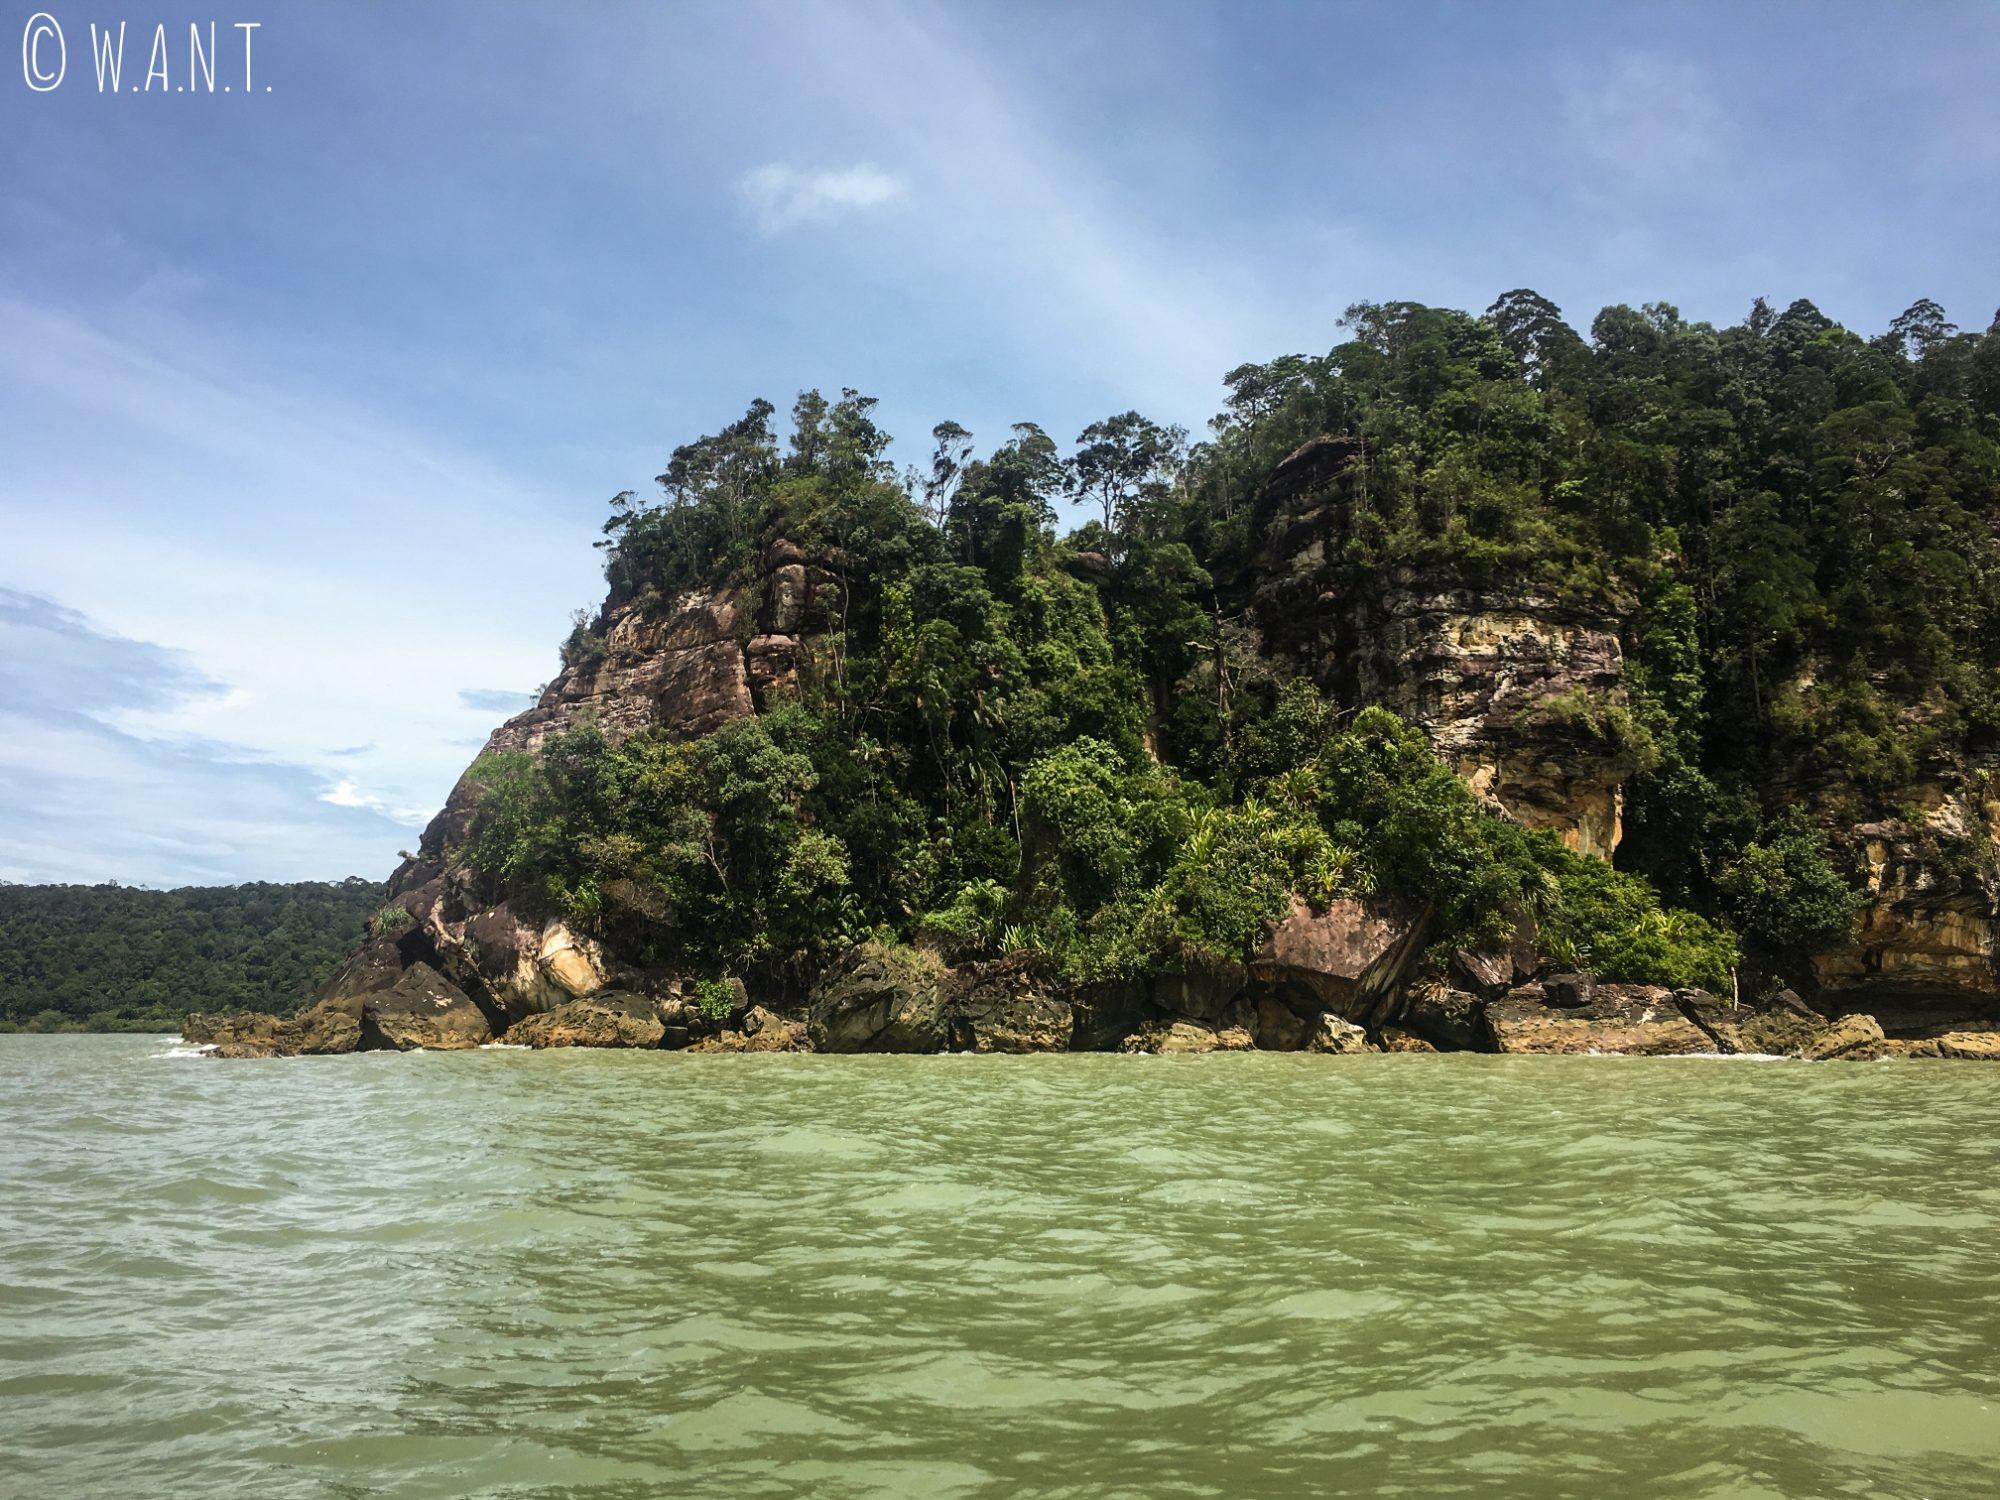 Paysage du Bako National Park depuis l'eau